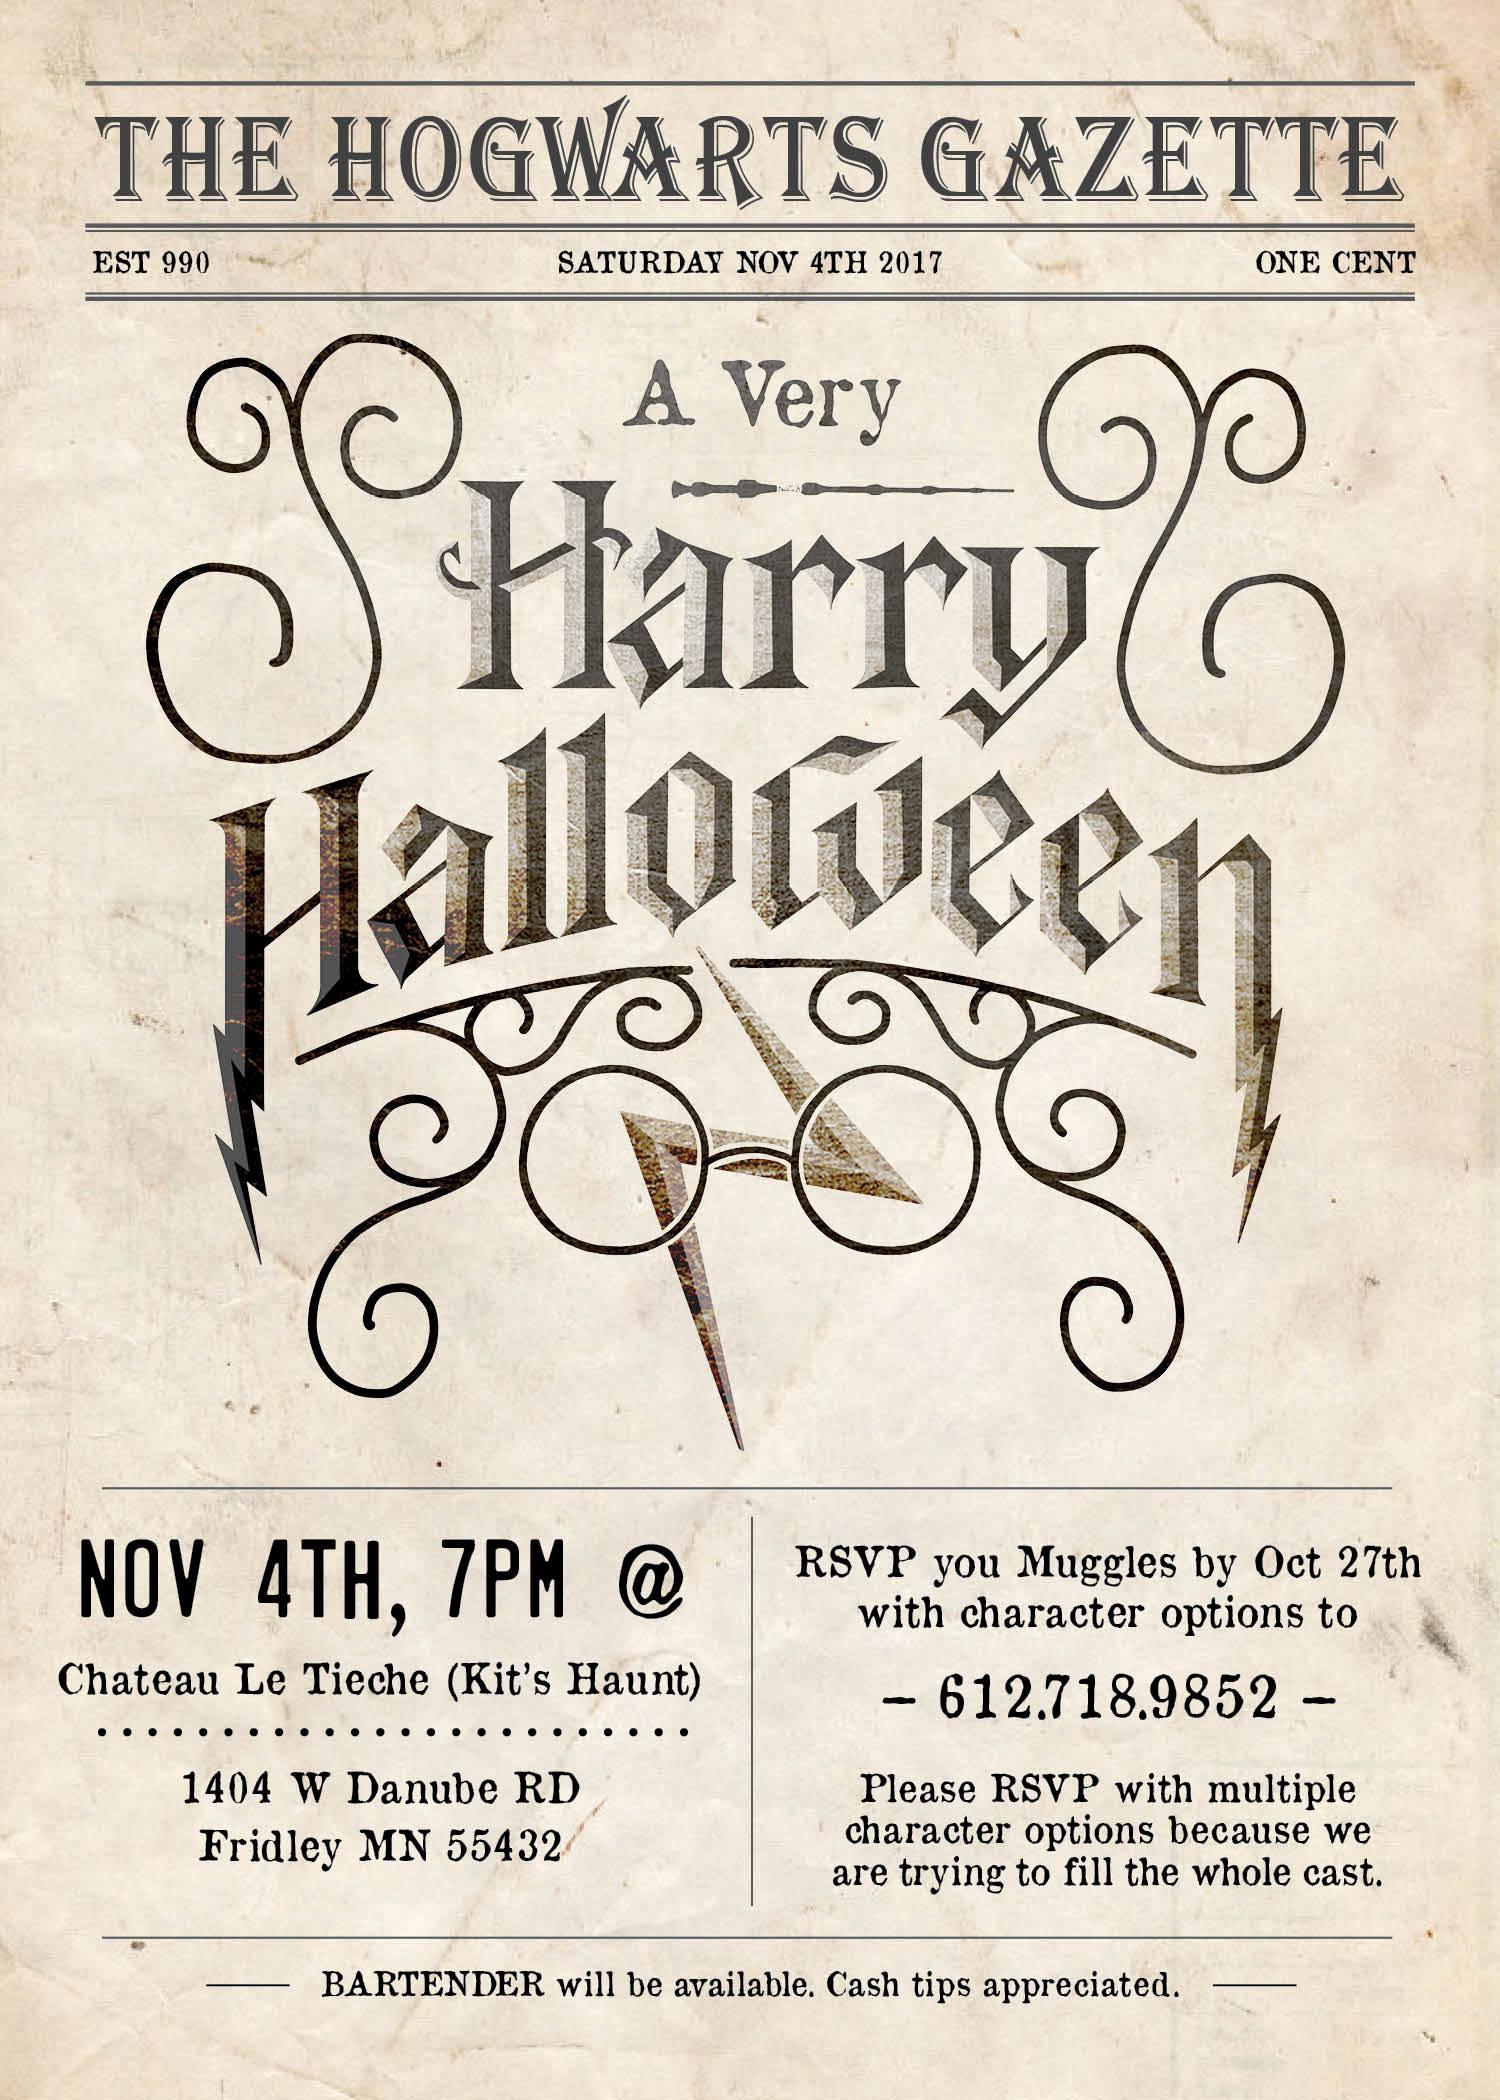 HarryHalloween_Invite.jpg